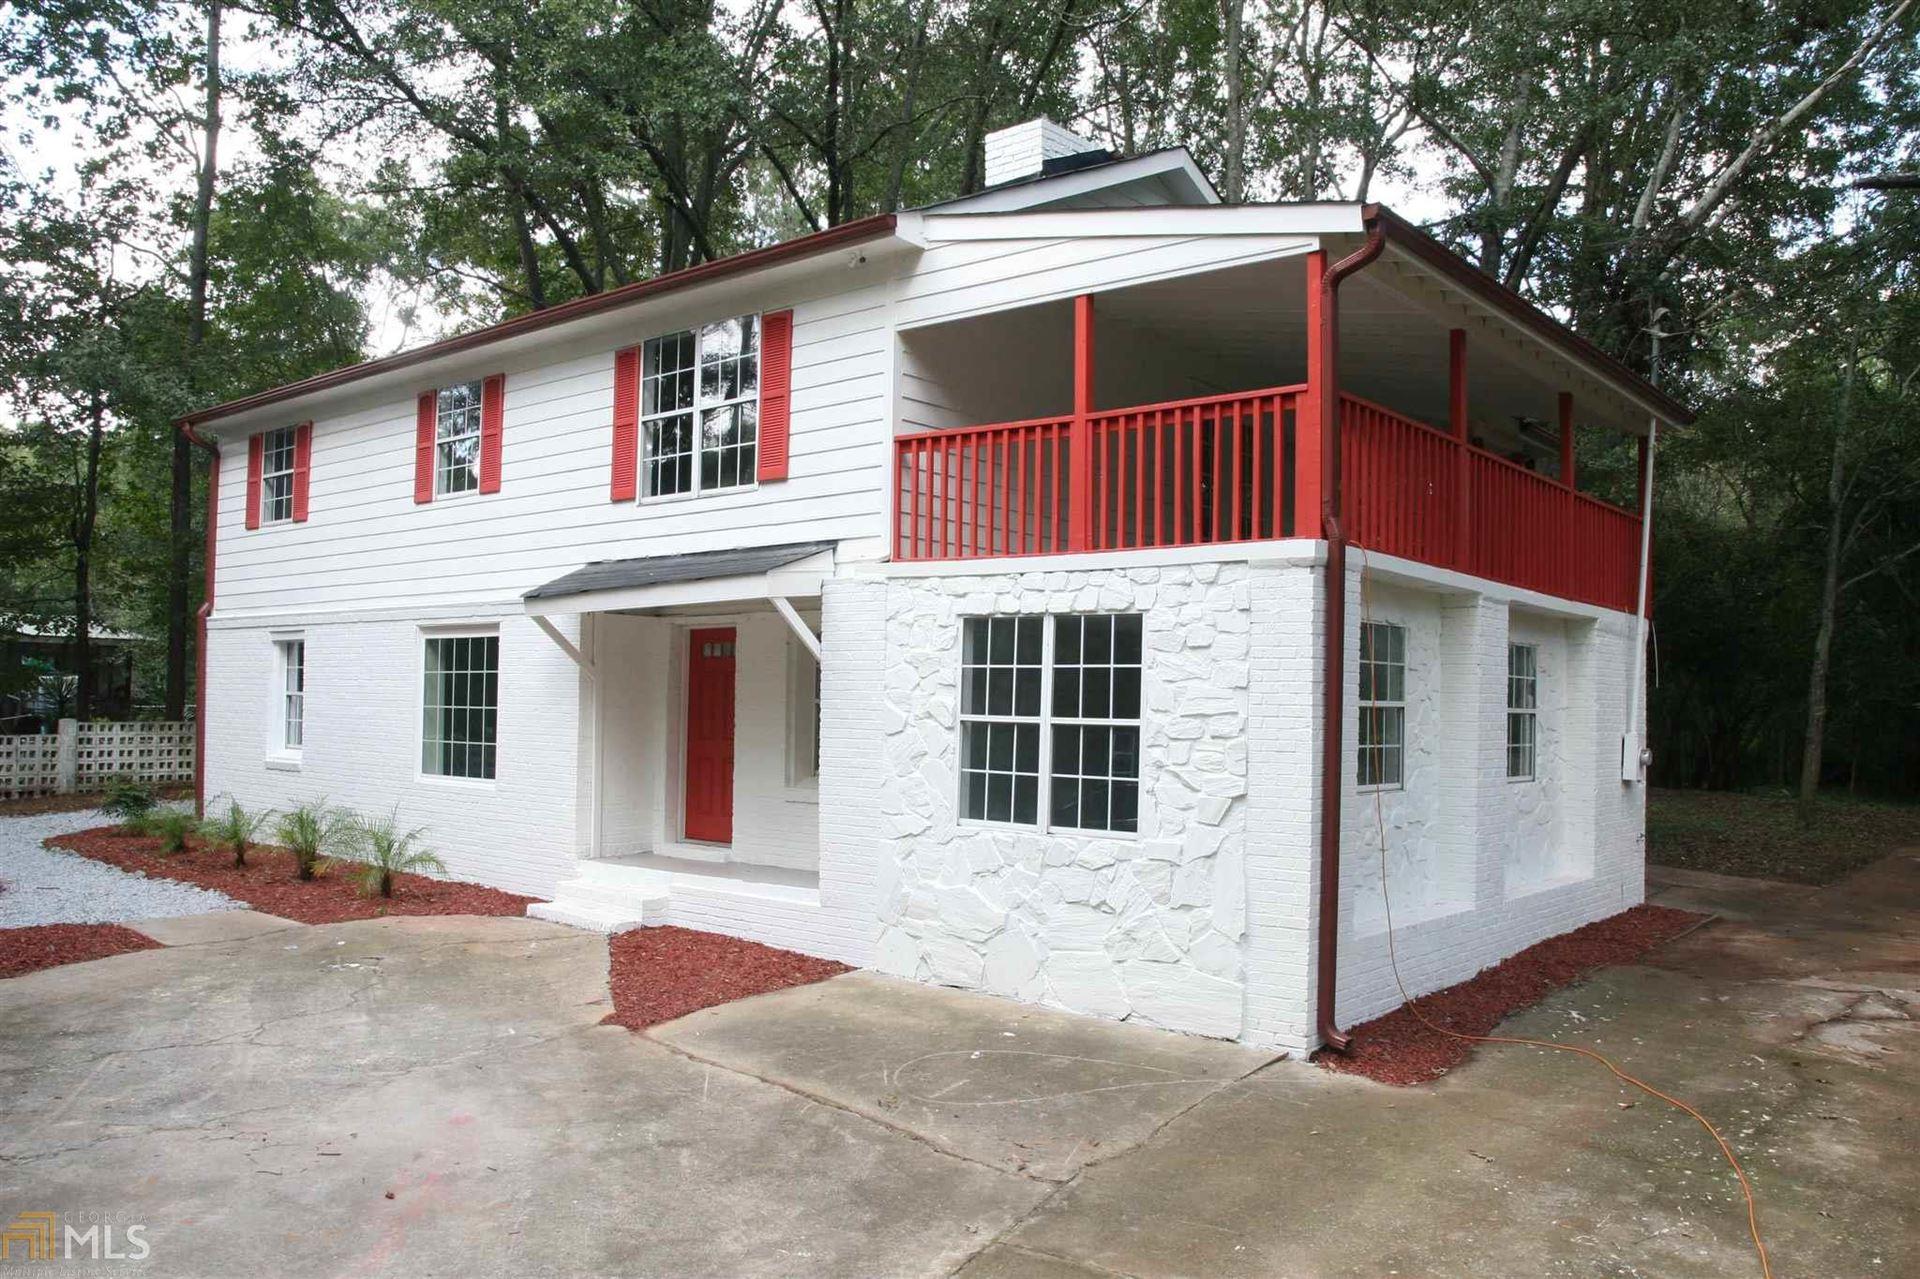 230 Sanders Rd, Athens, GA 30605 - MLS#: 8866304